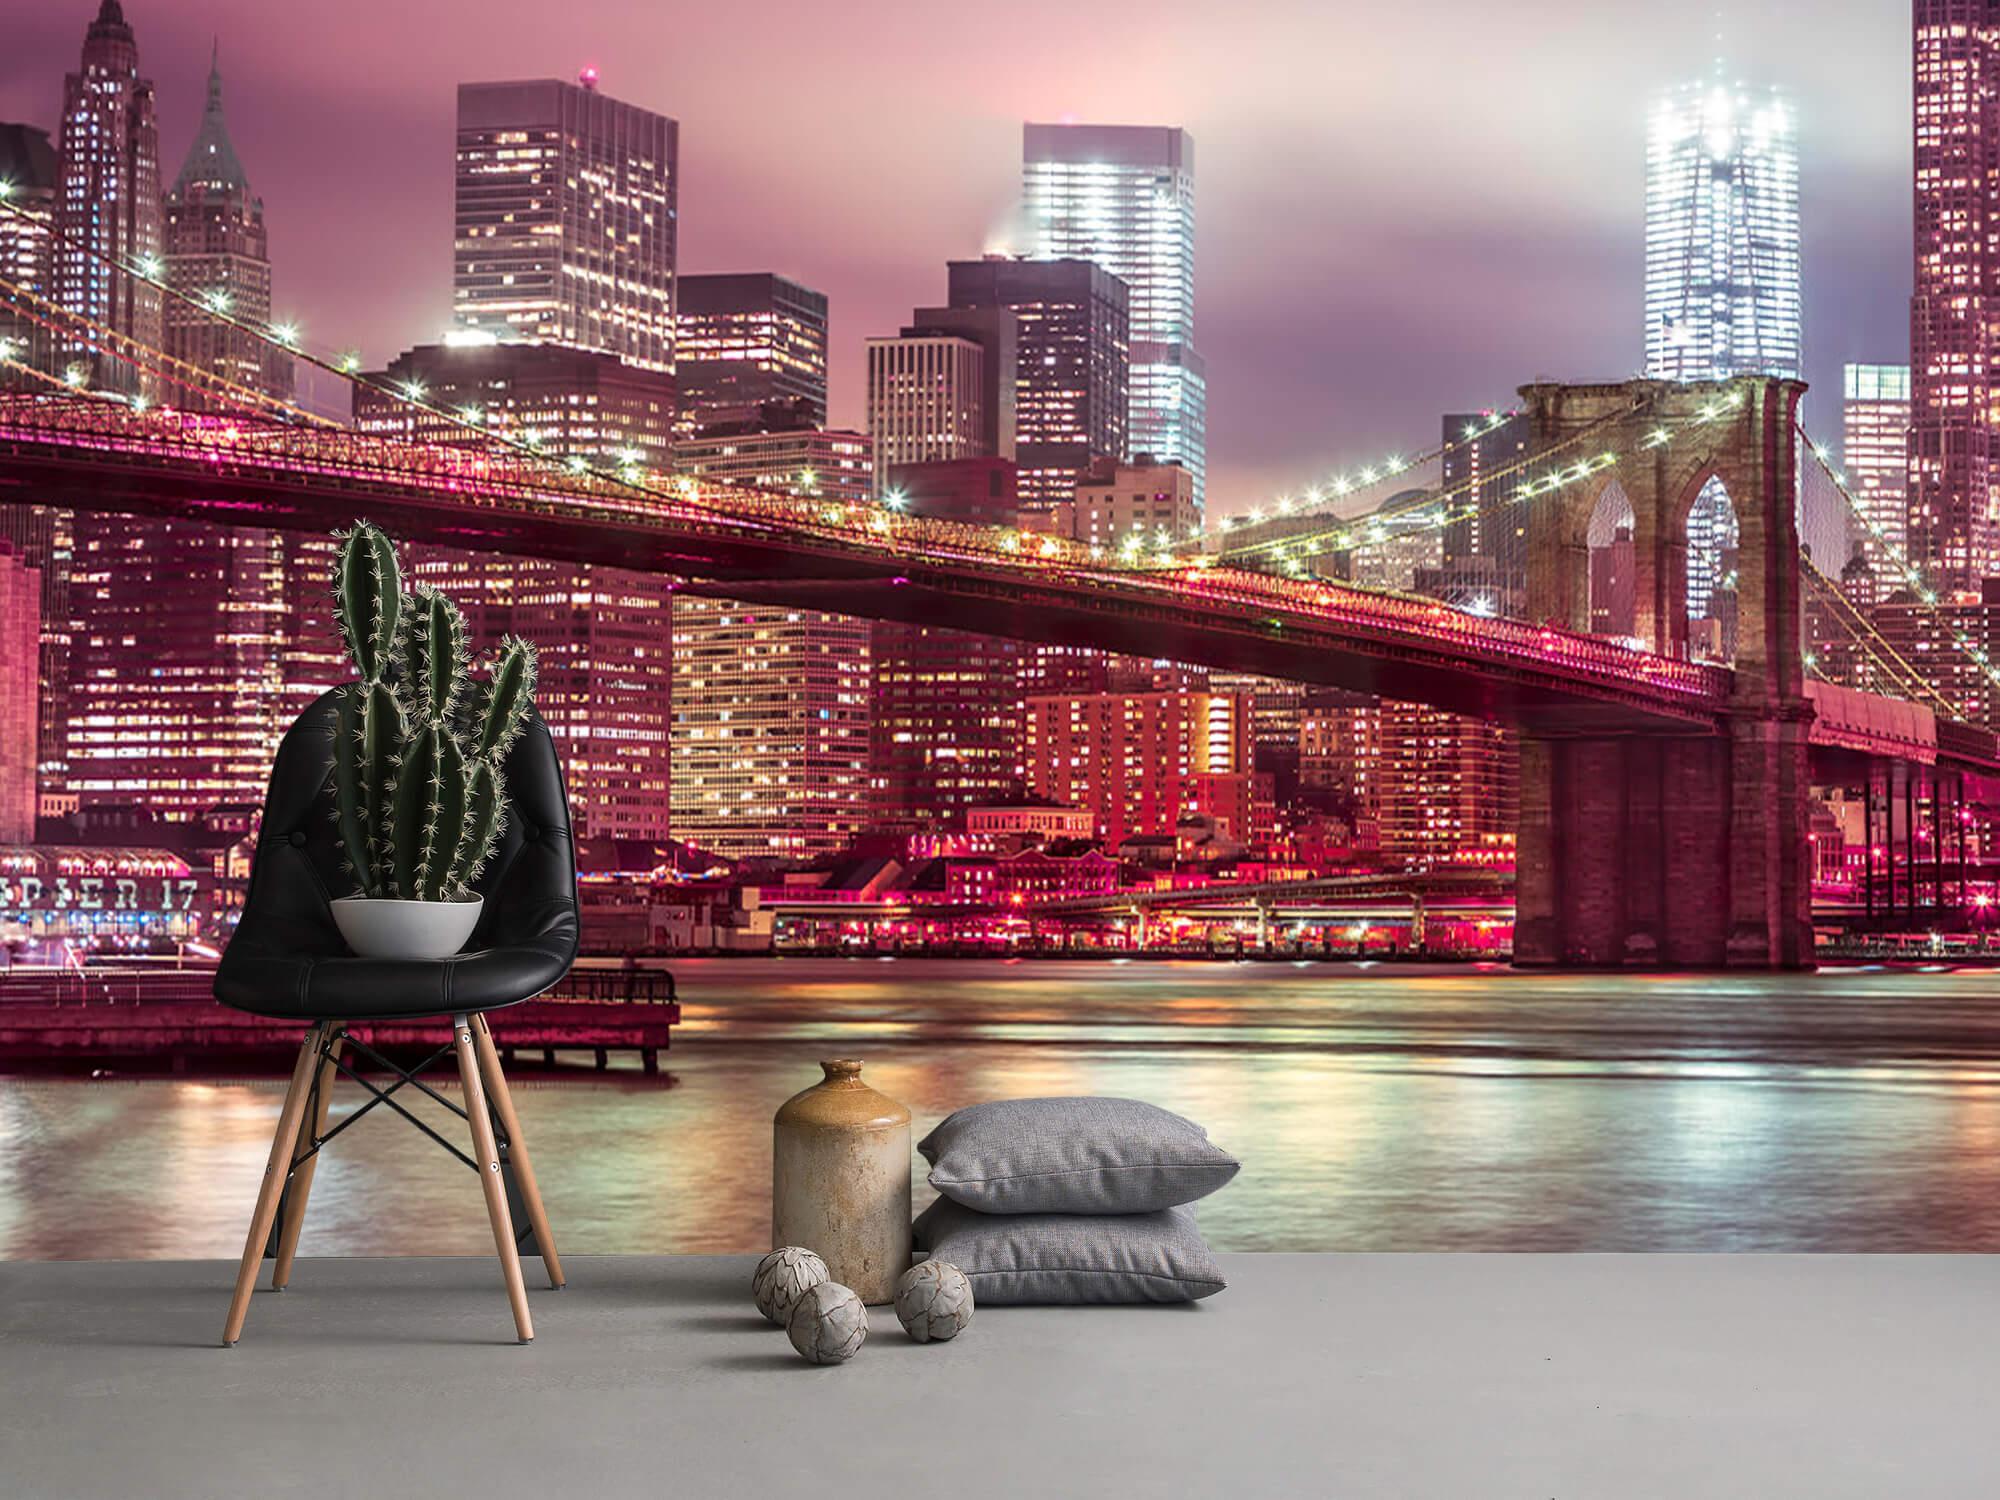 Soirée à Manhattan 5